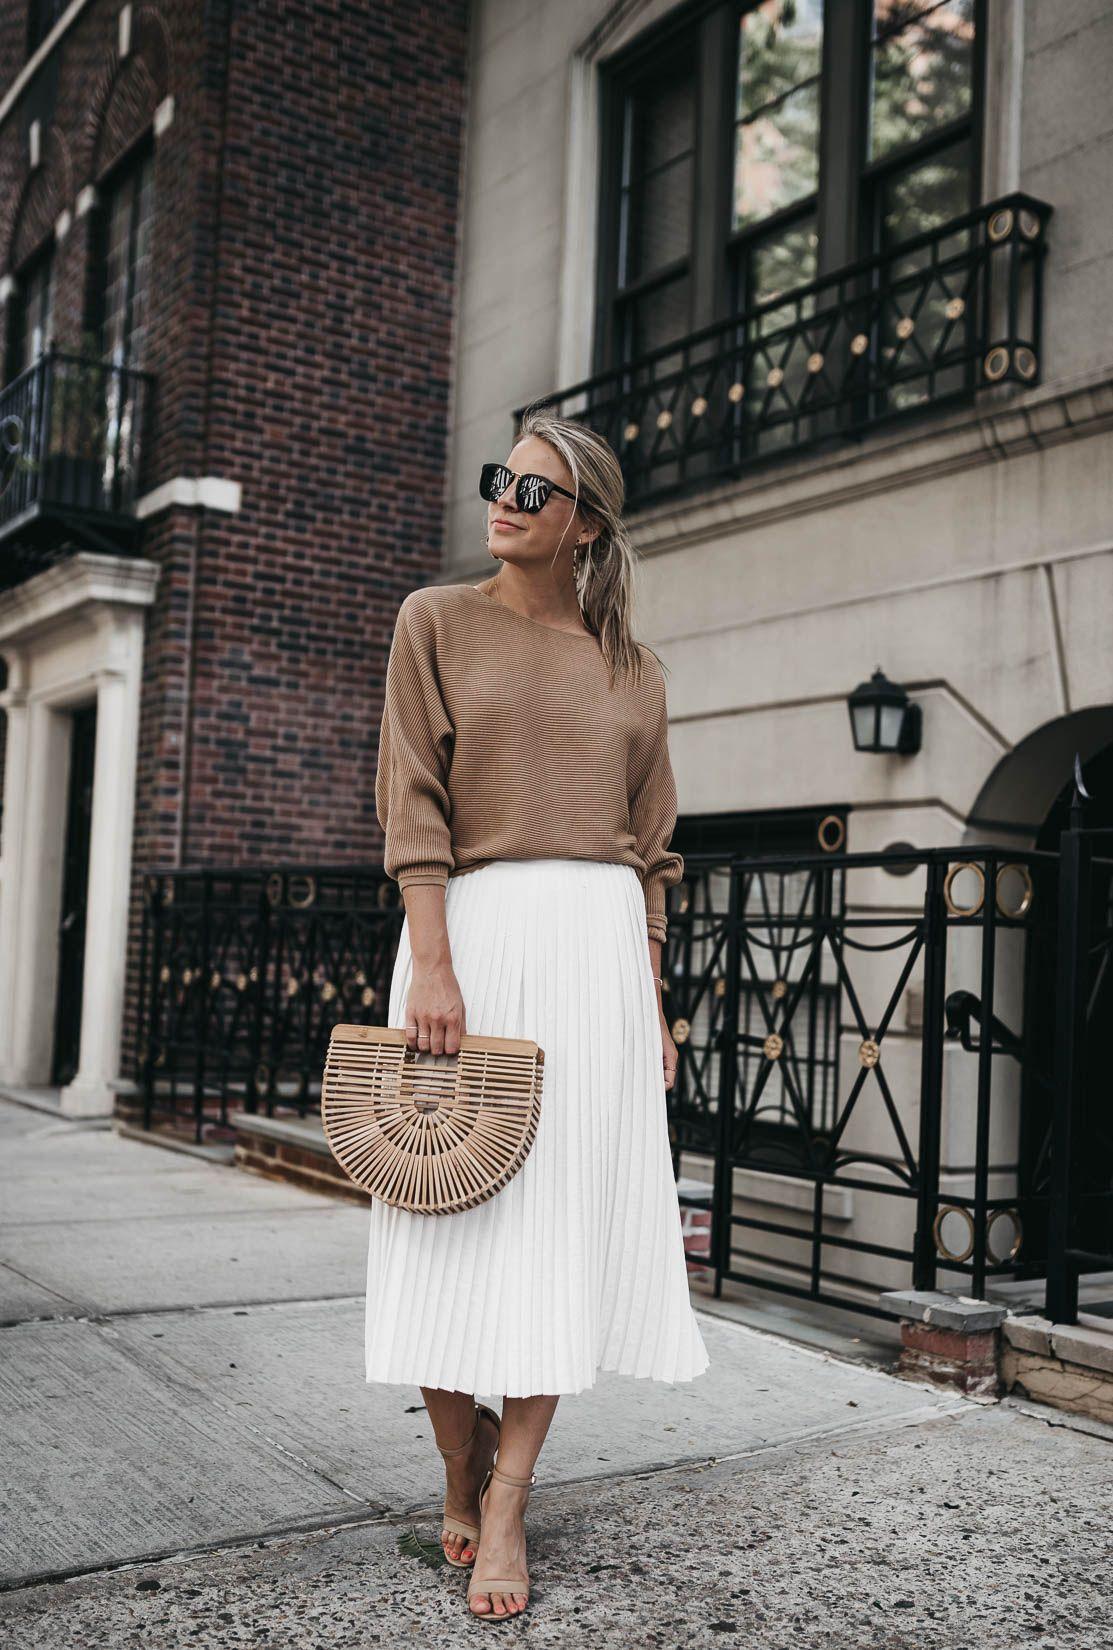 Summer Pleats - Styled Snapshots